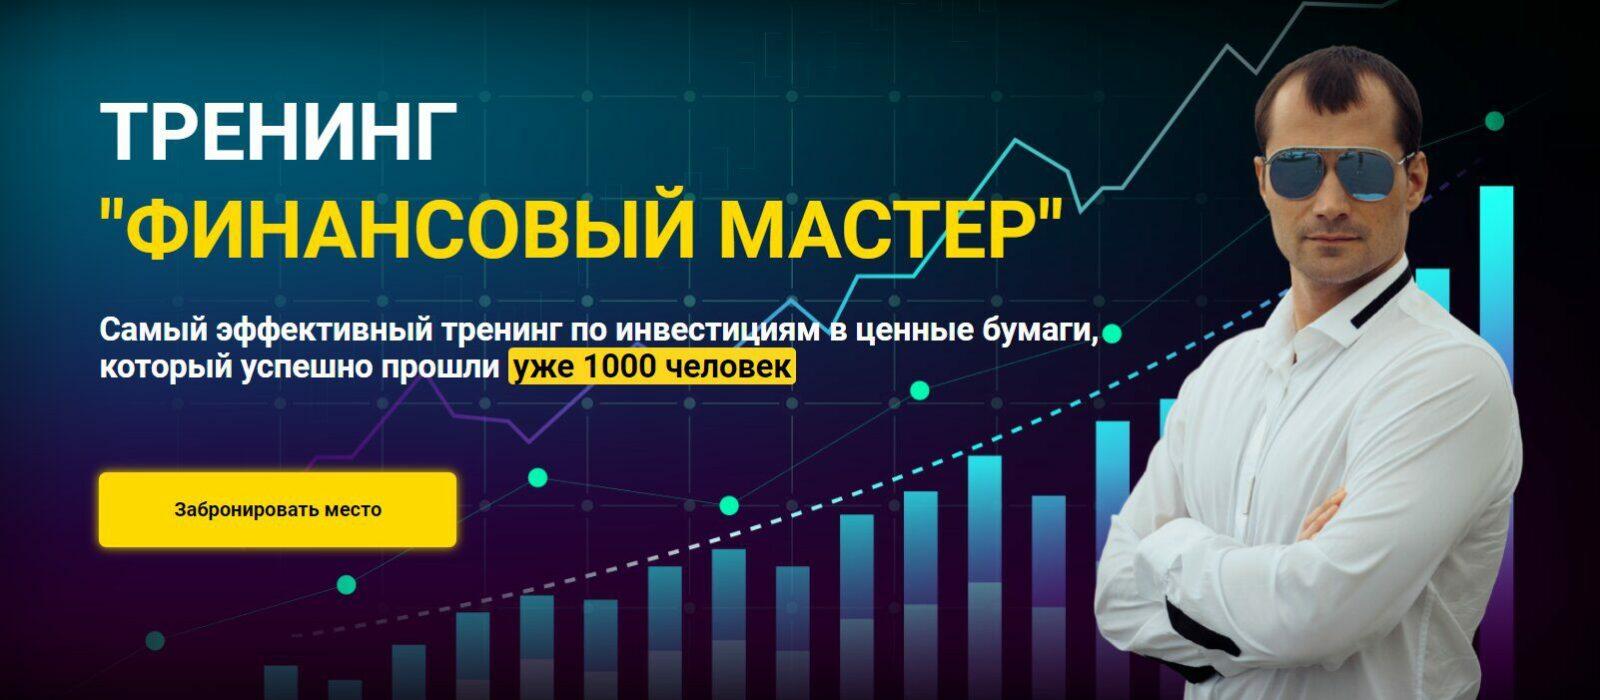 Тренинг Финансовый мастер Евгения Черных